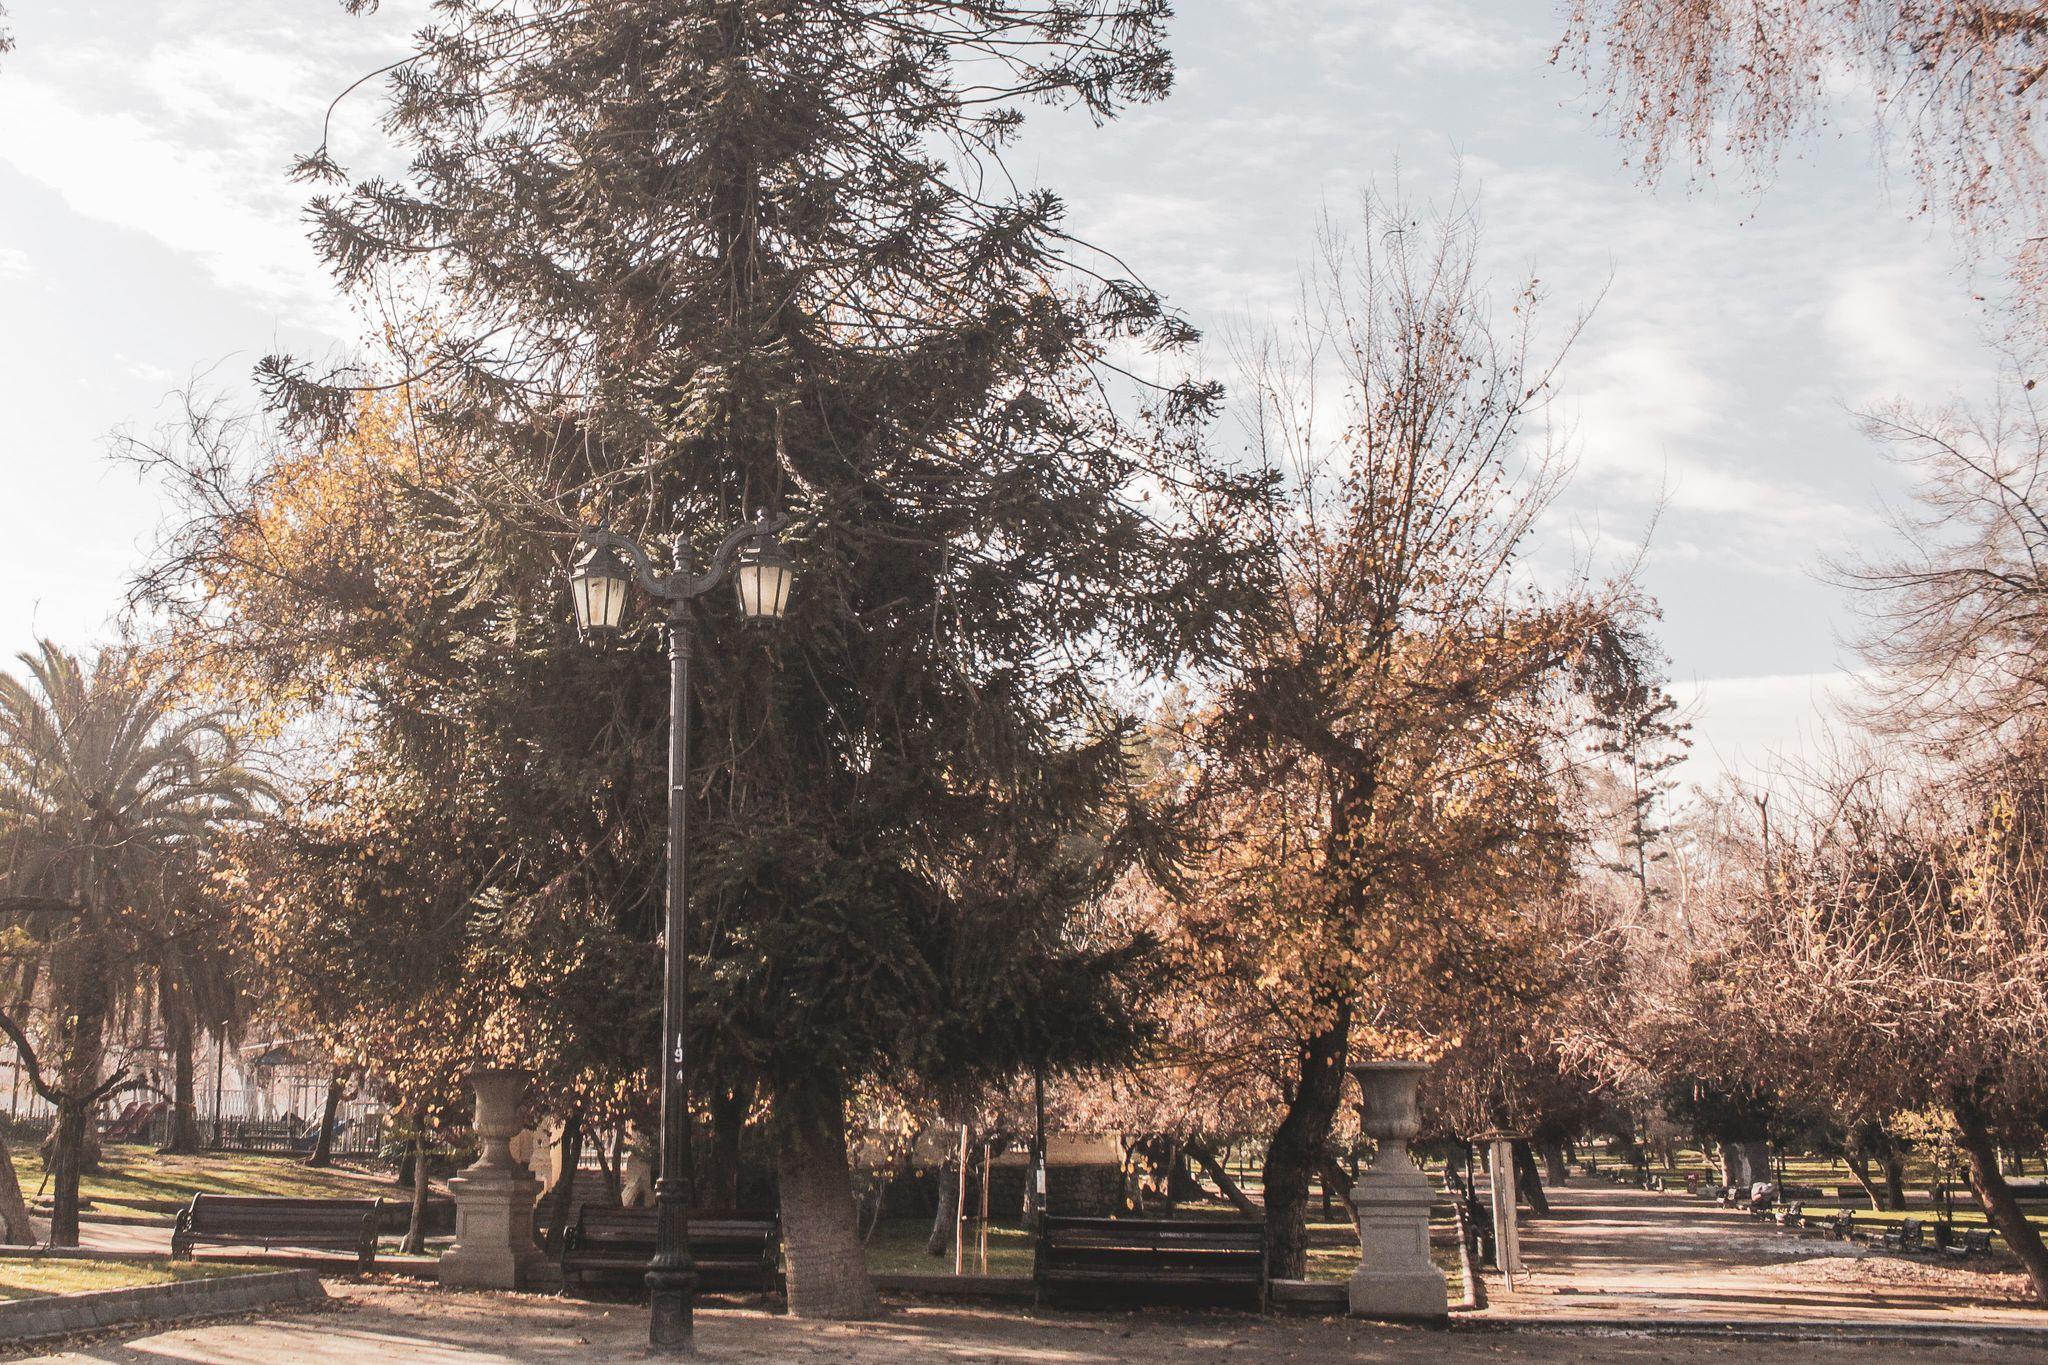 Parque Quinta normal nos arredores do Bairro Yungay em Santiago